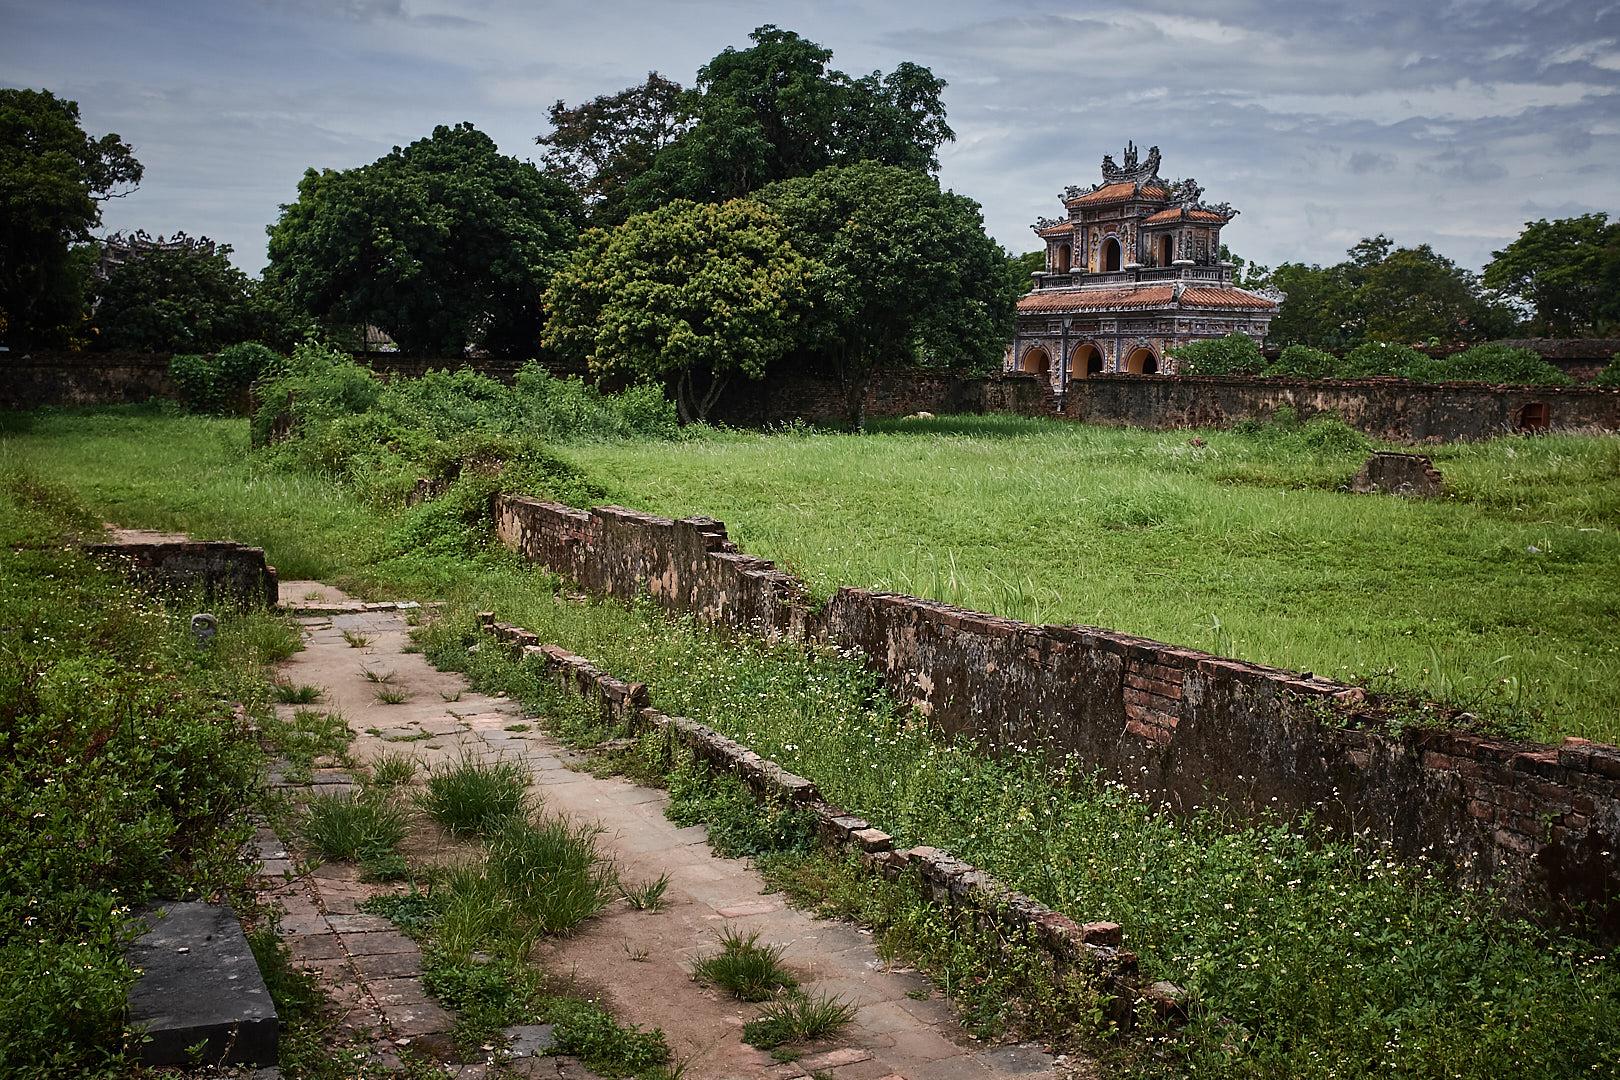 170613-Vietnam-Hue-0038.jpg